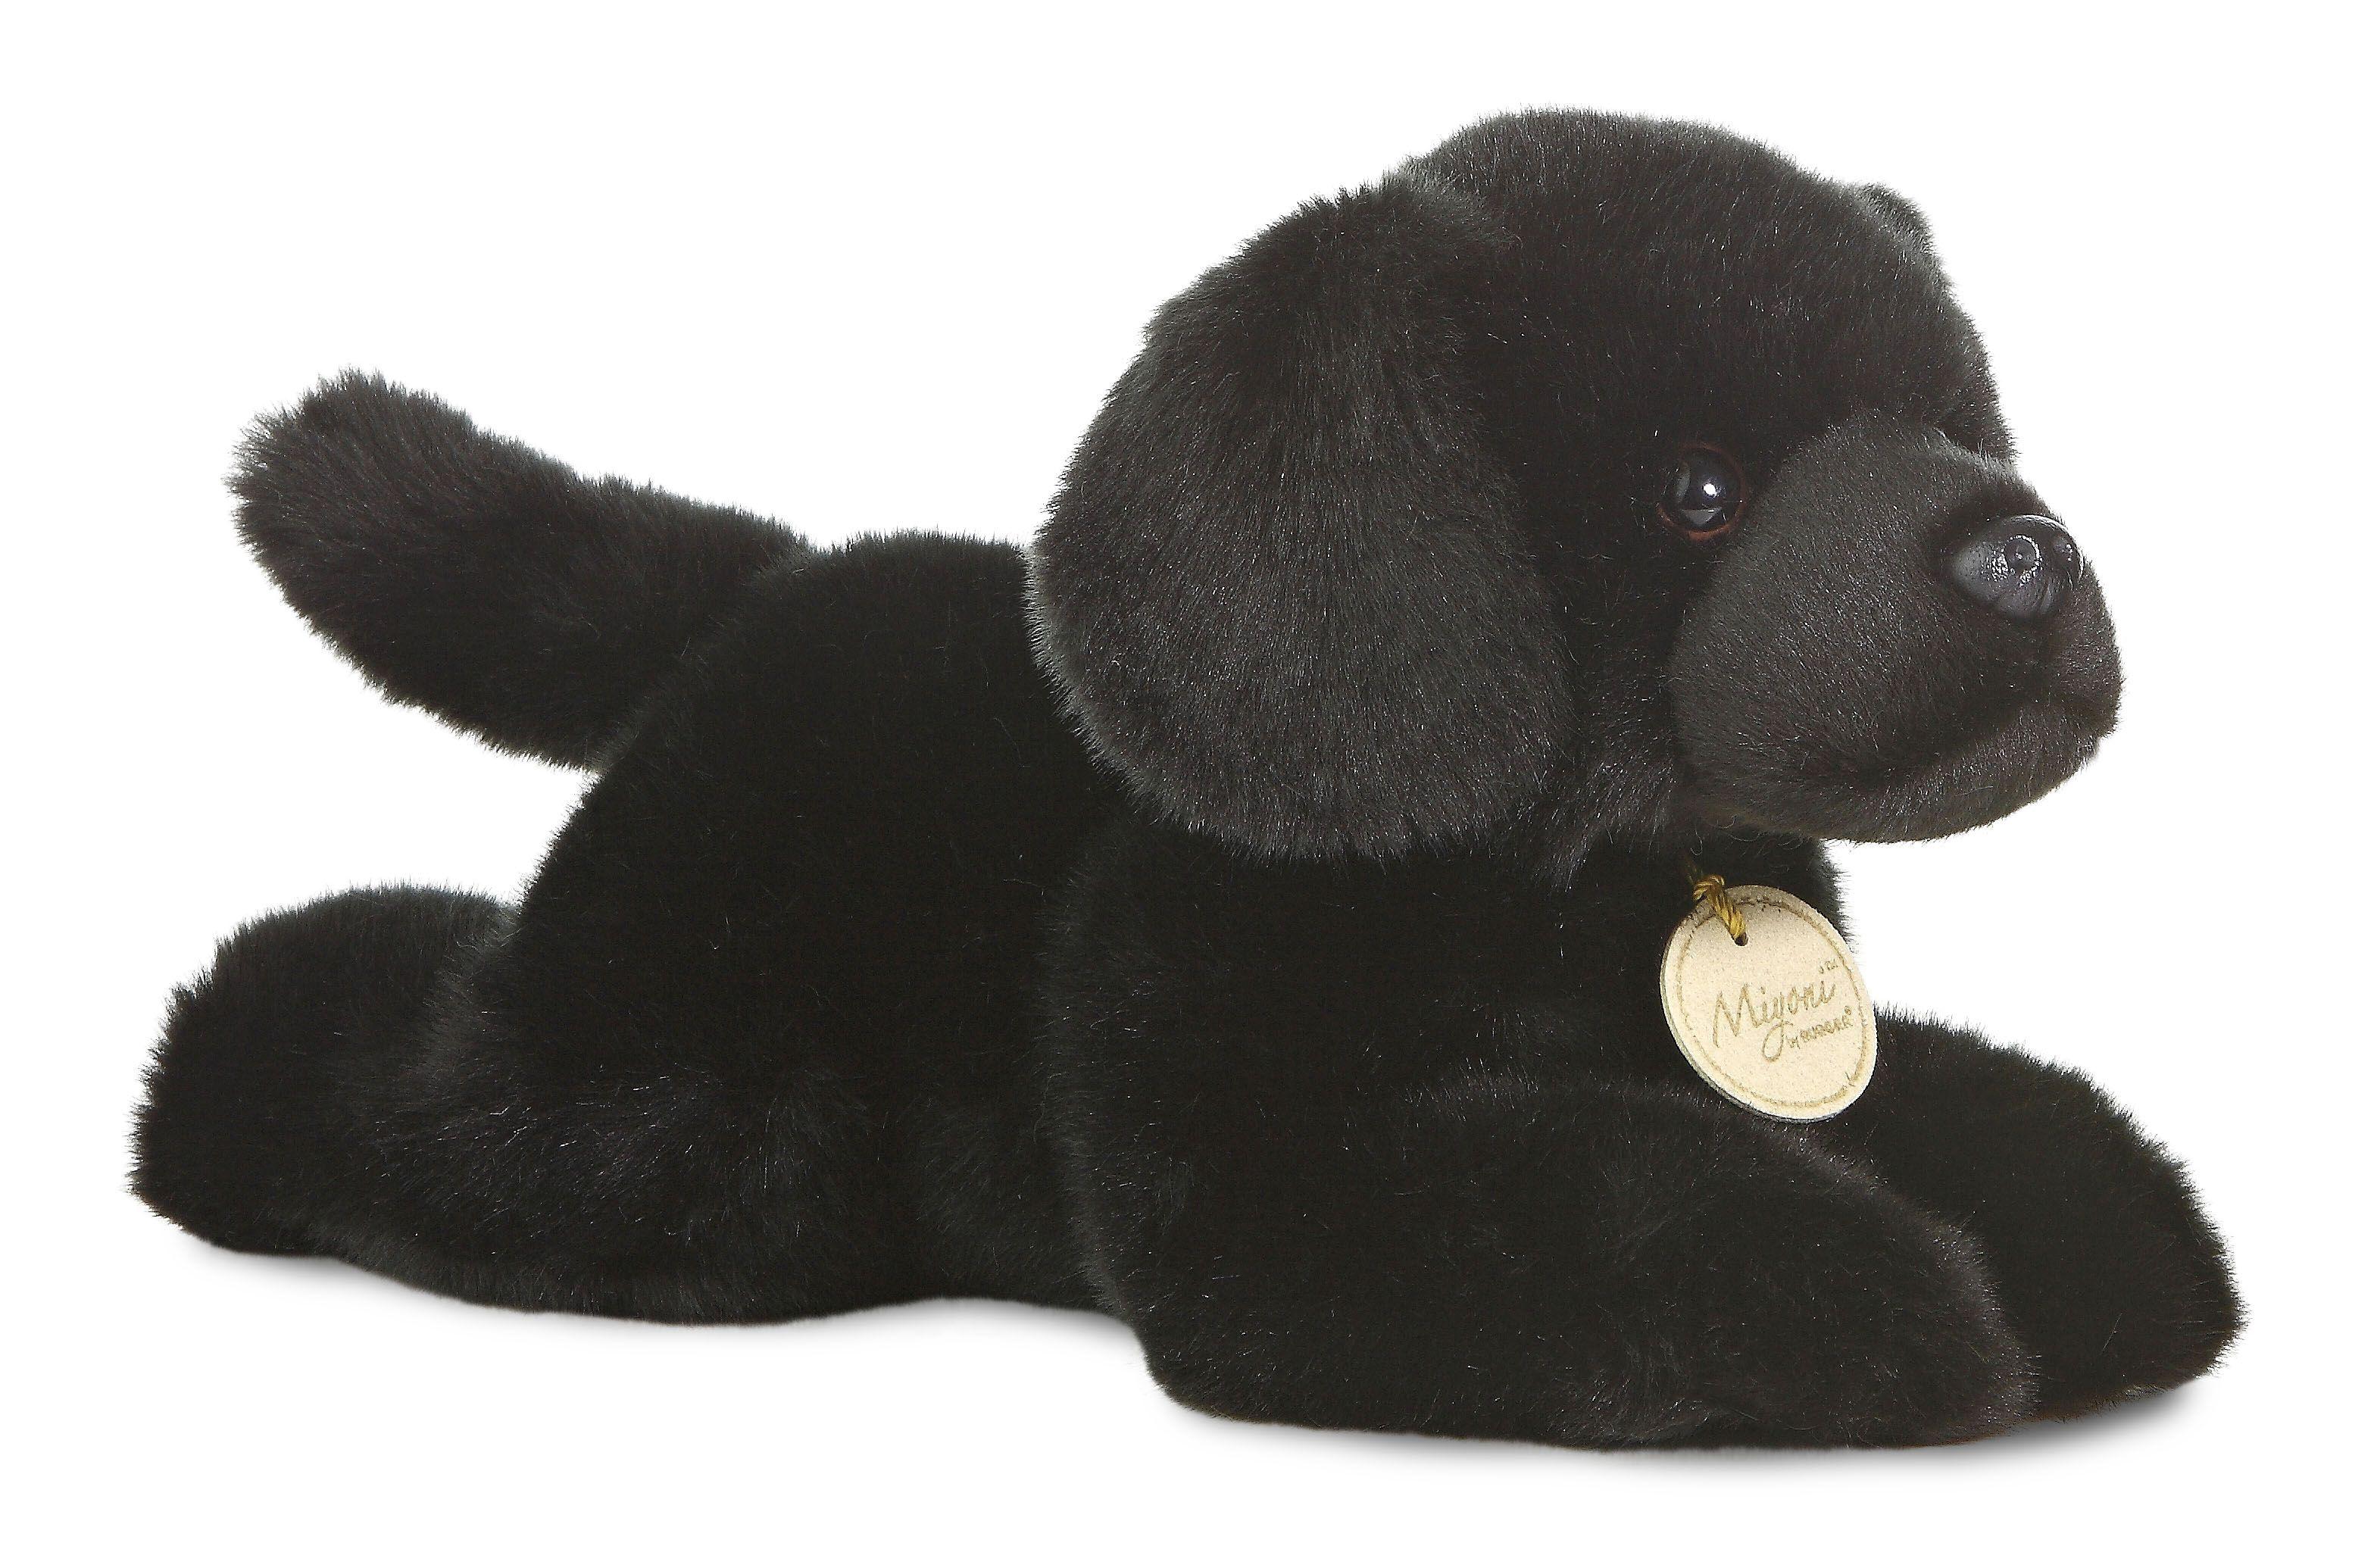 Miyoni black labrador kuscheltier hund niedliche